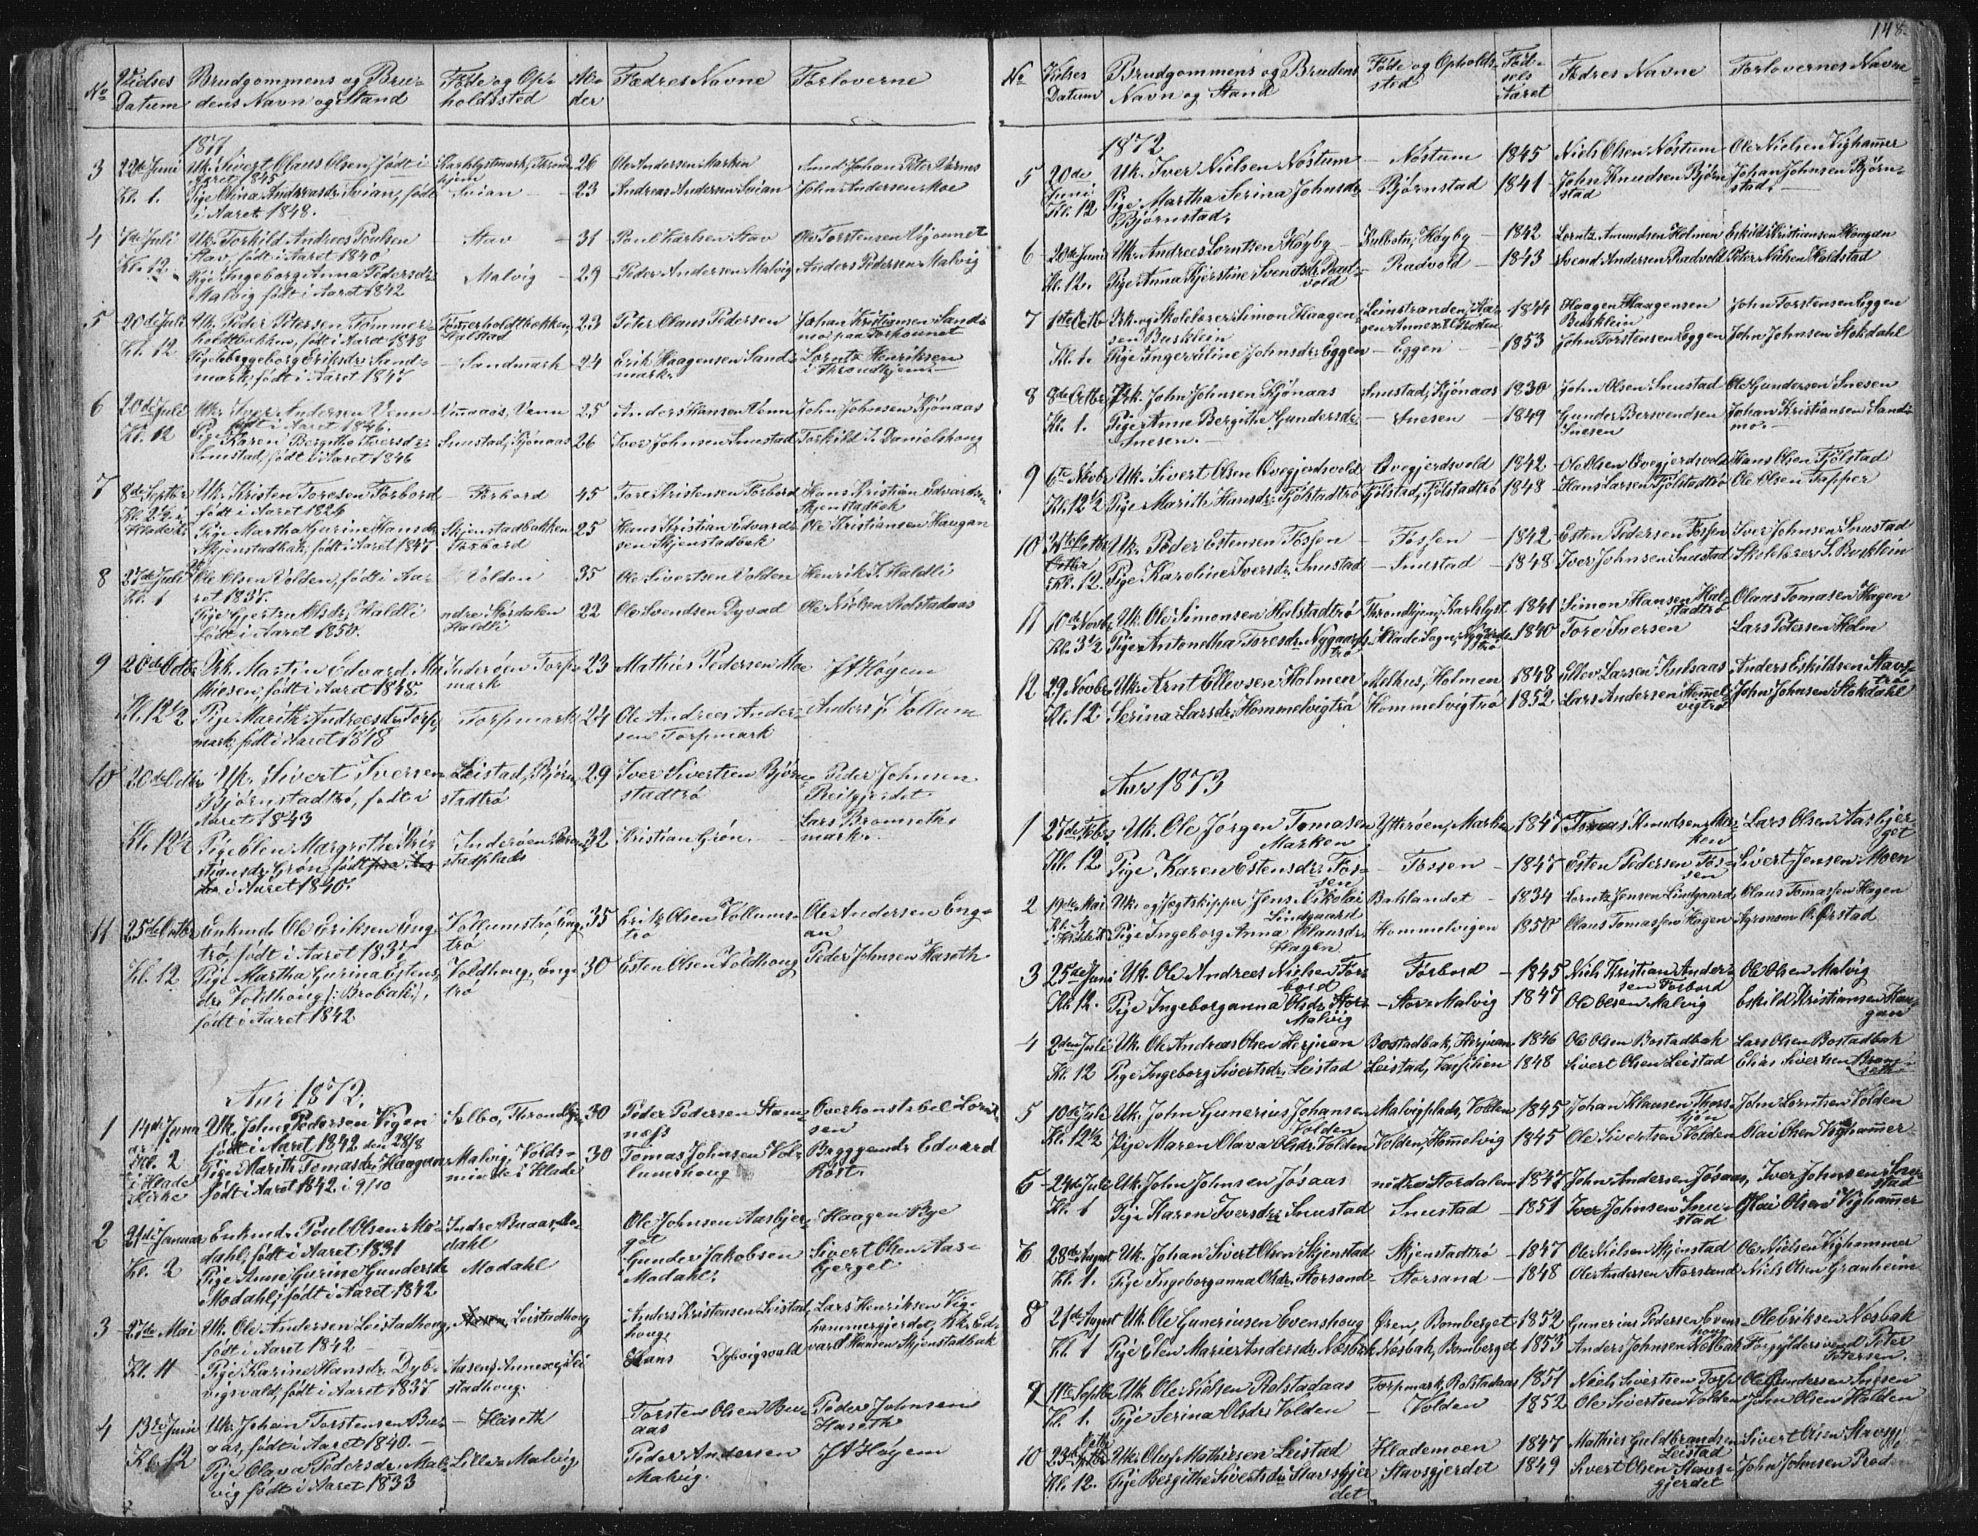 SAT, Ministerialprotokoller, klokkerbøker og fødselsregistre - Sør-Trøndelag, 616/L0406: Ministerialbok nr. 616A03, 1843-1879, s. 148